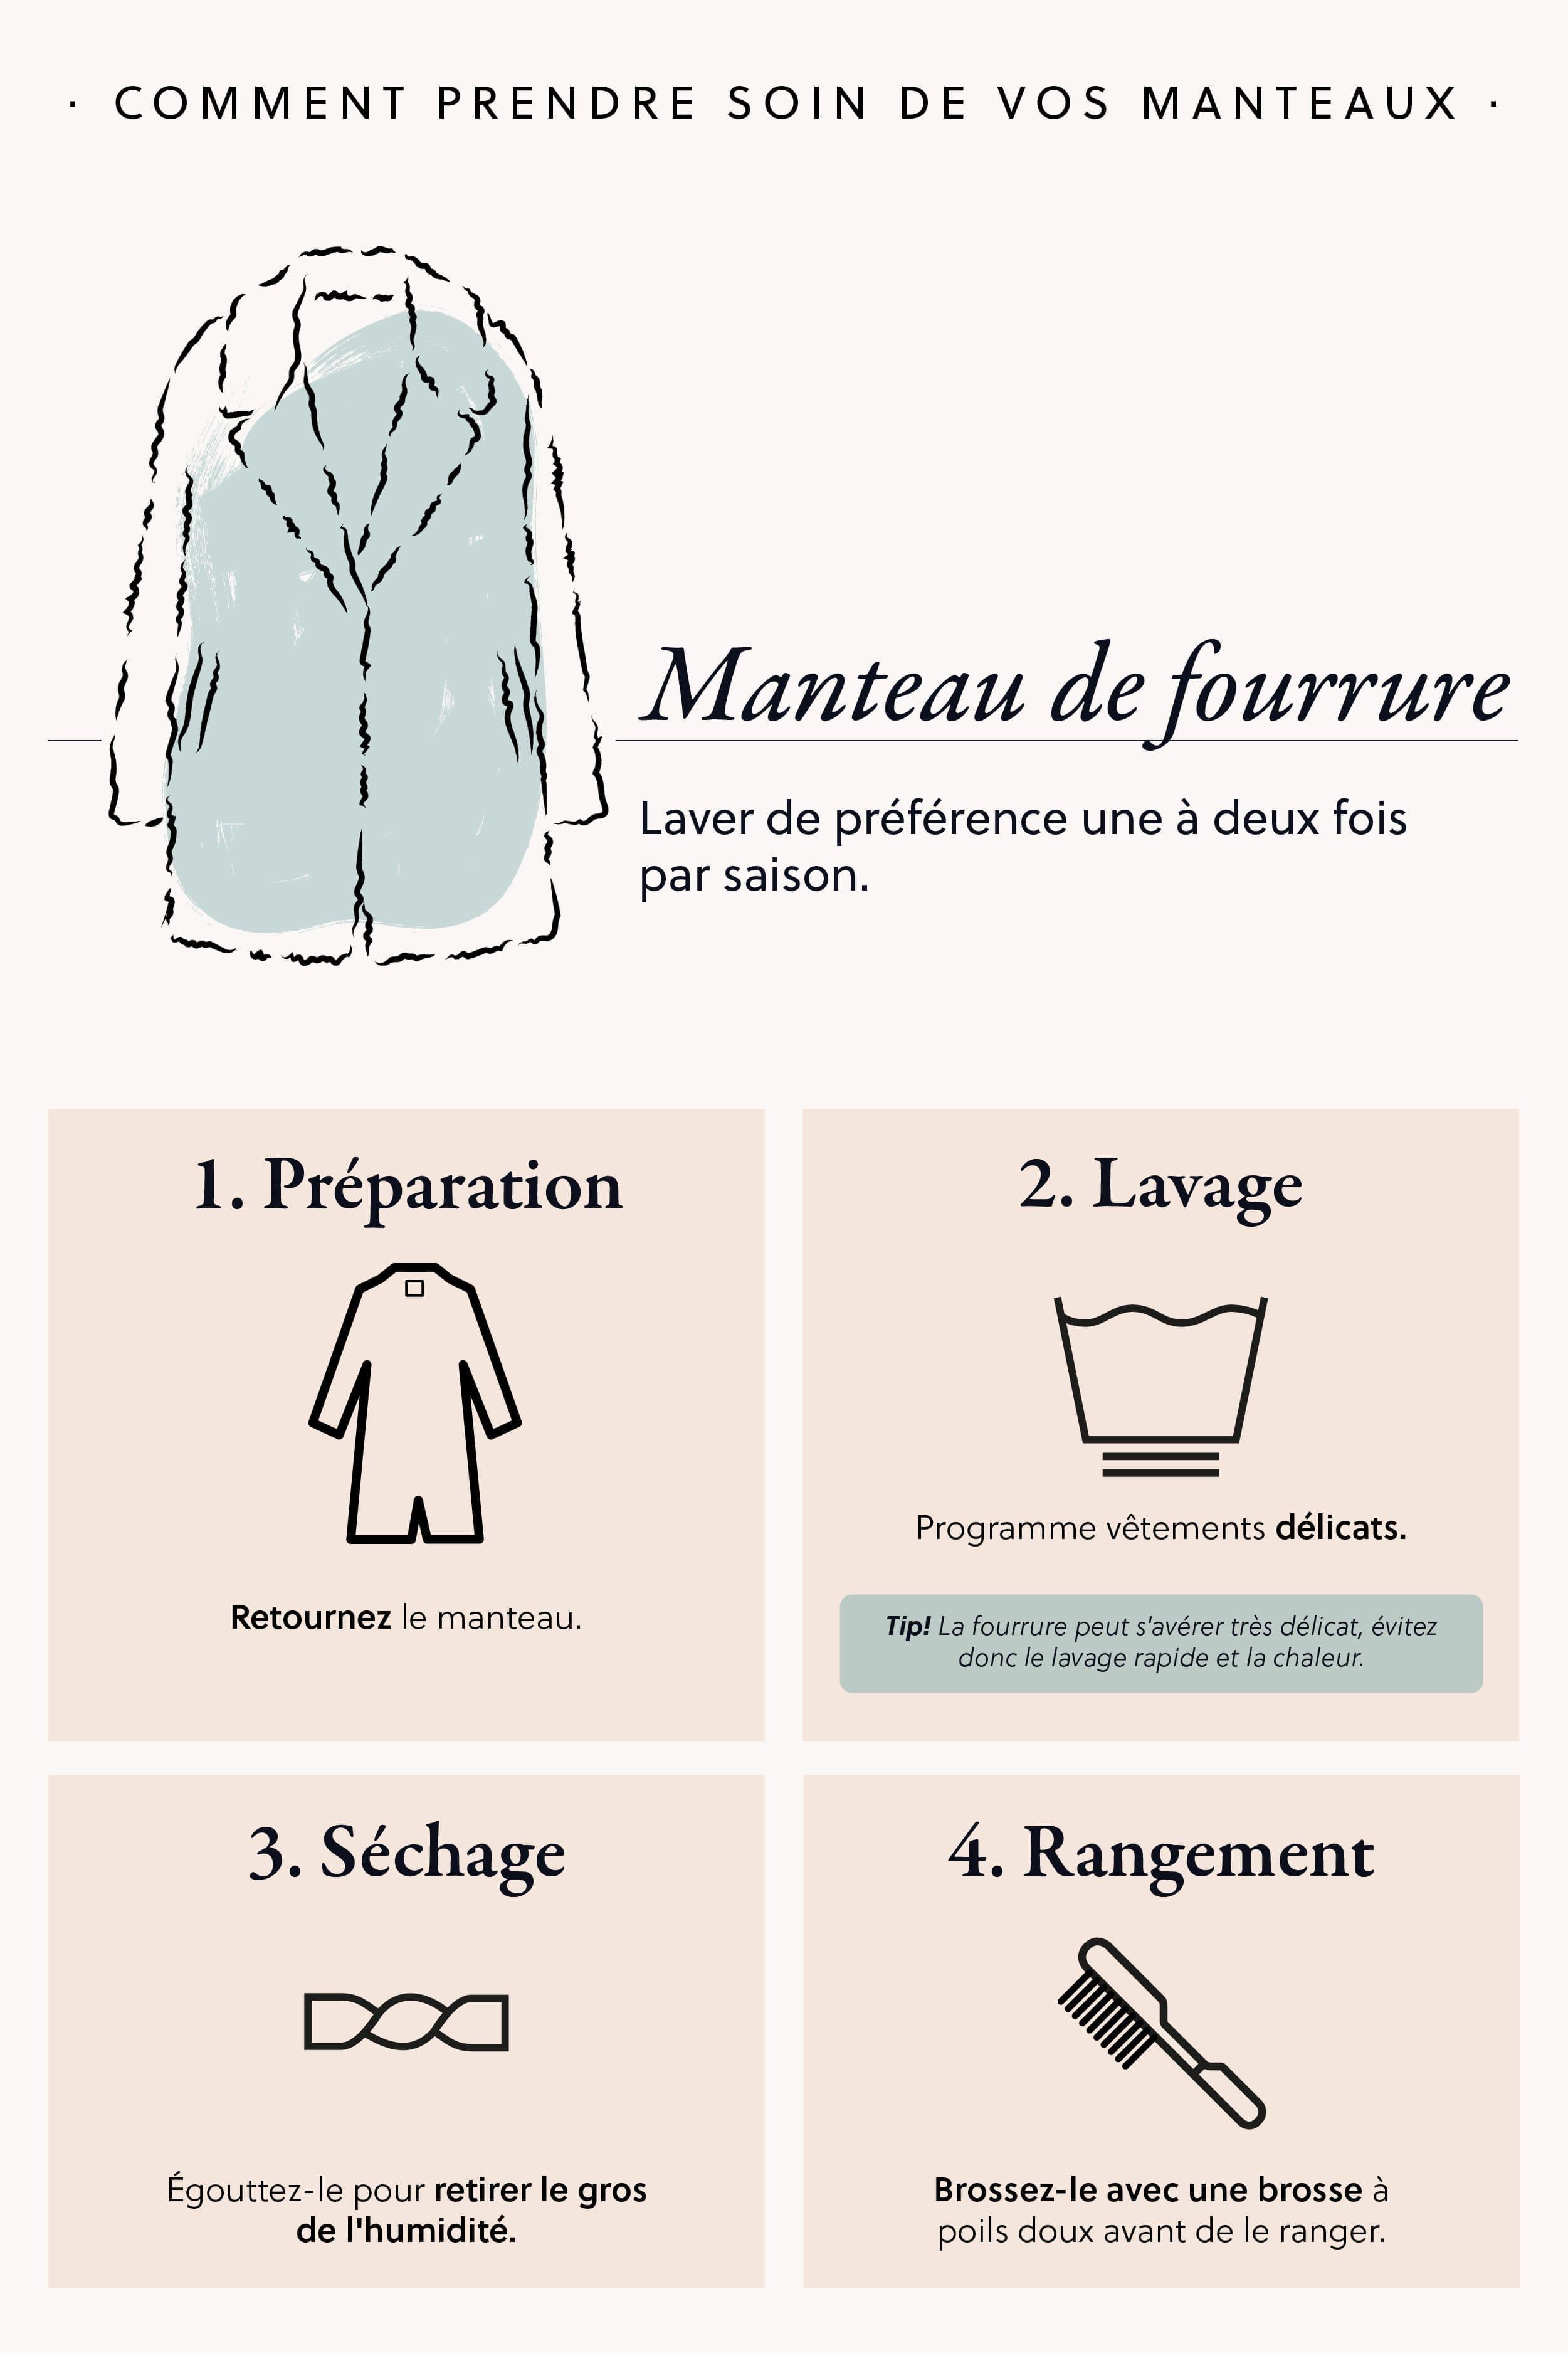 manteau de fourrure lavage